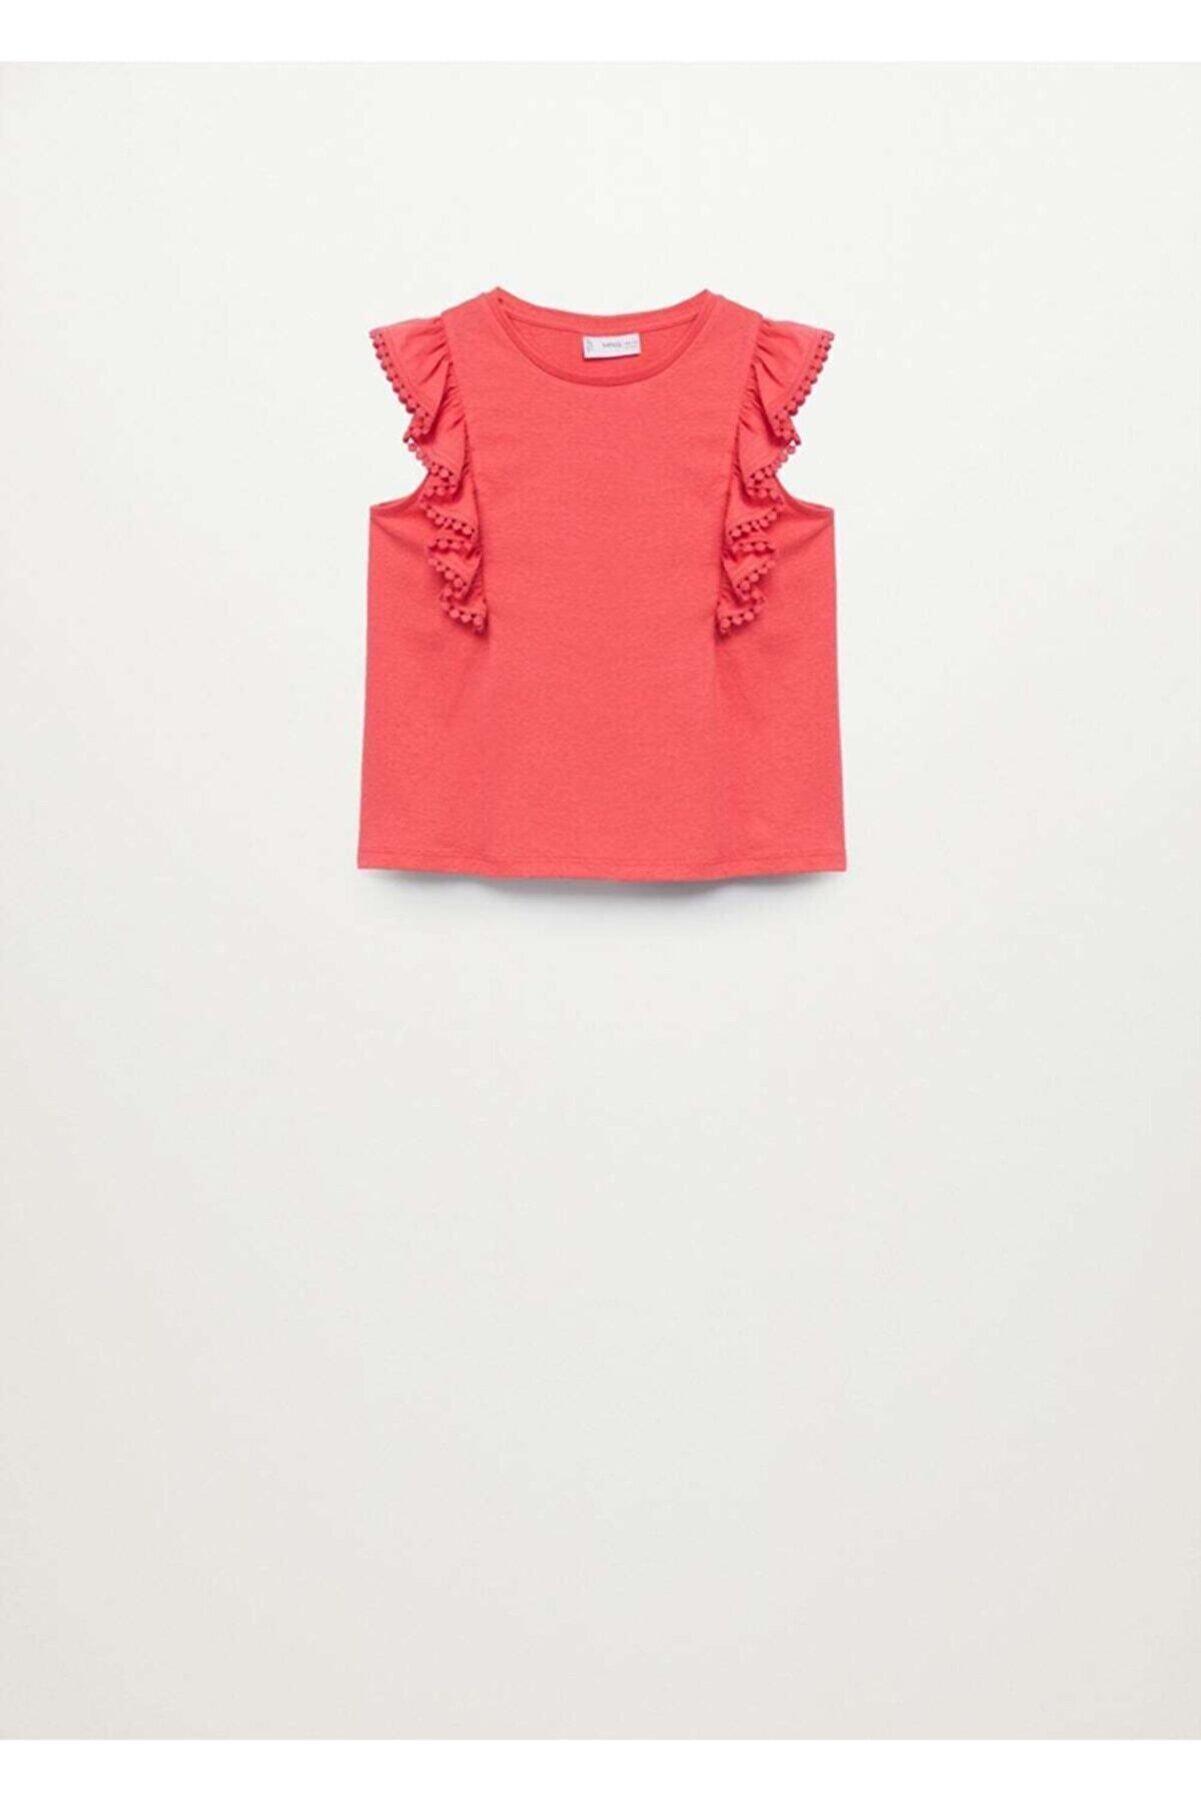 Mango Organik Pamuklu Fırfırlı T-Shirt